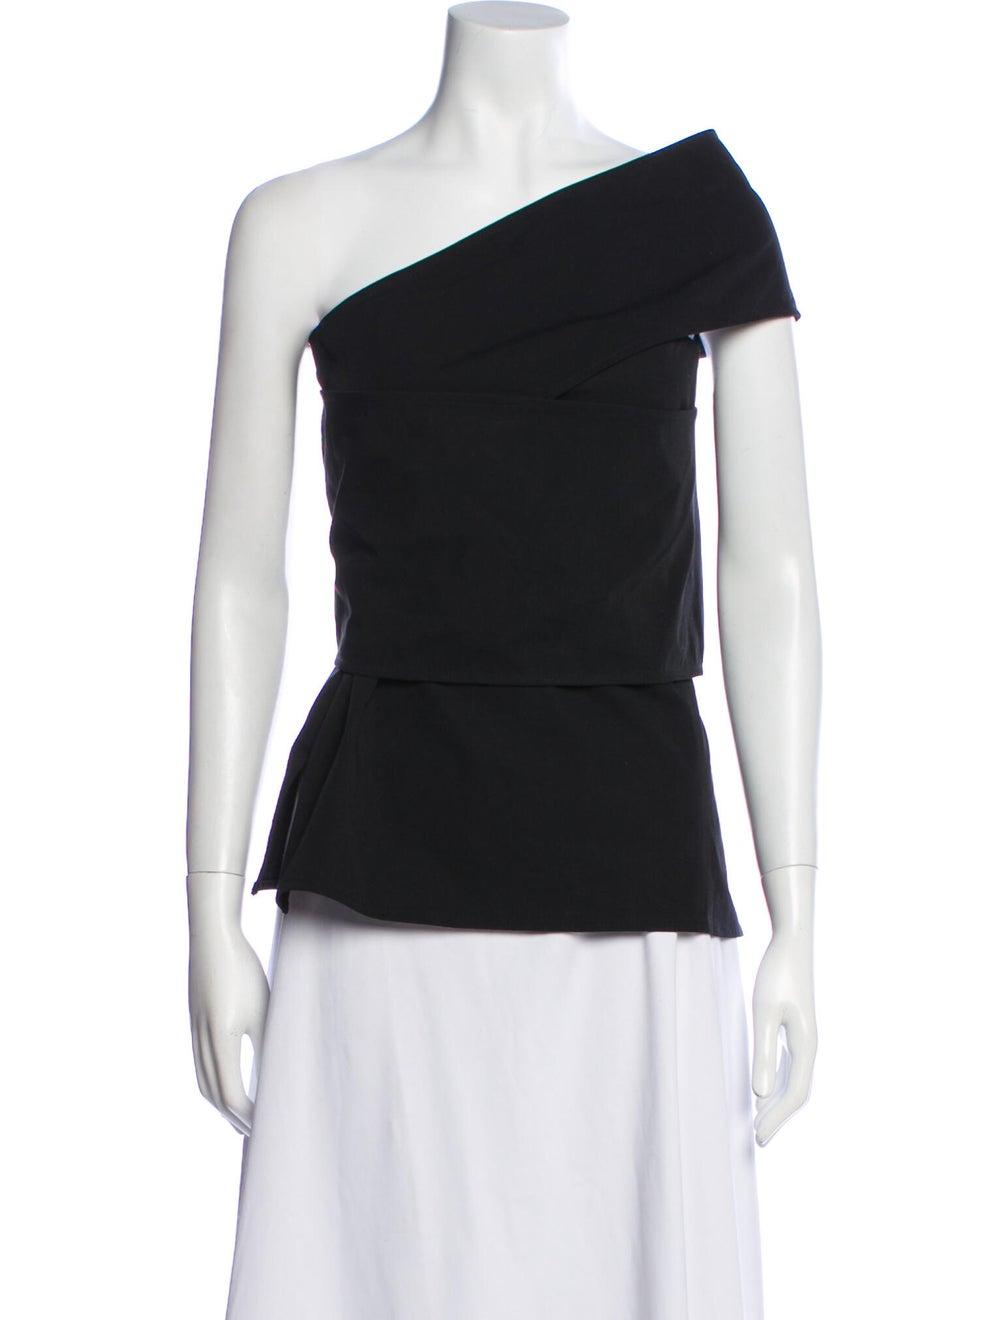 Beaufille One-Shoulder Short Sleeve Top Black - image 1